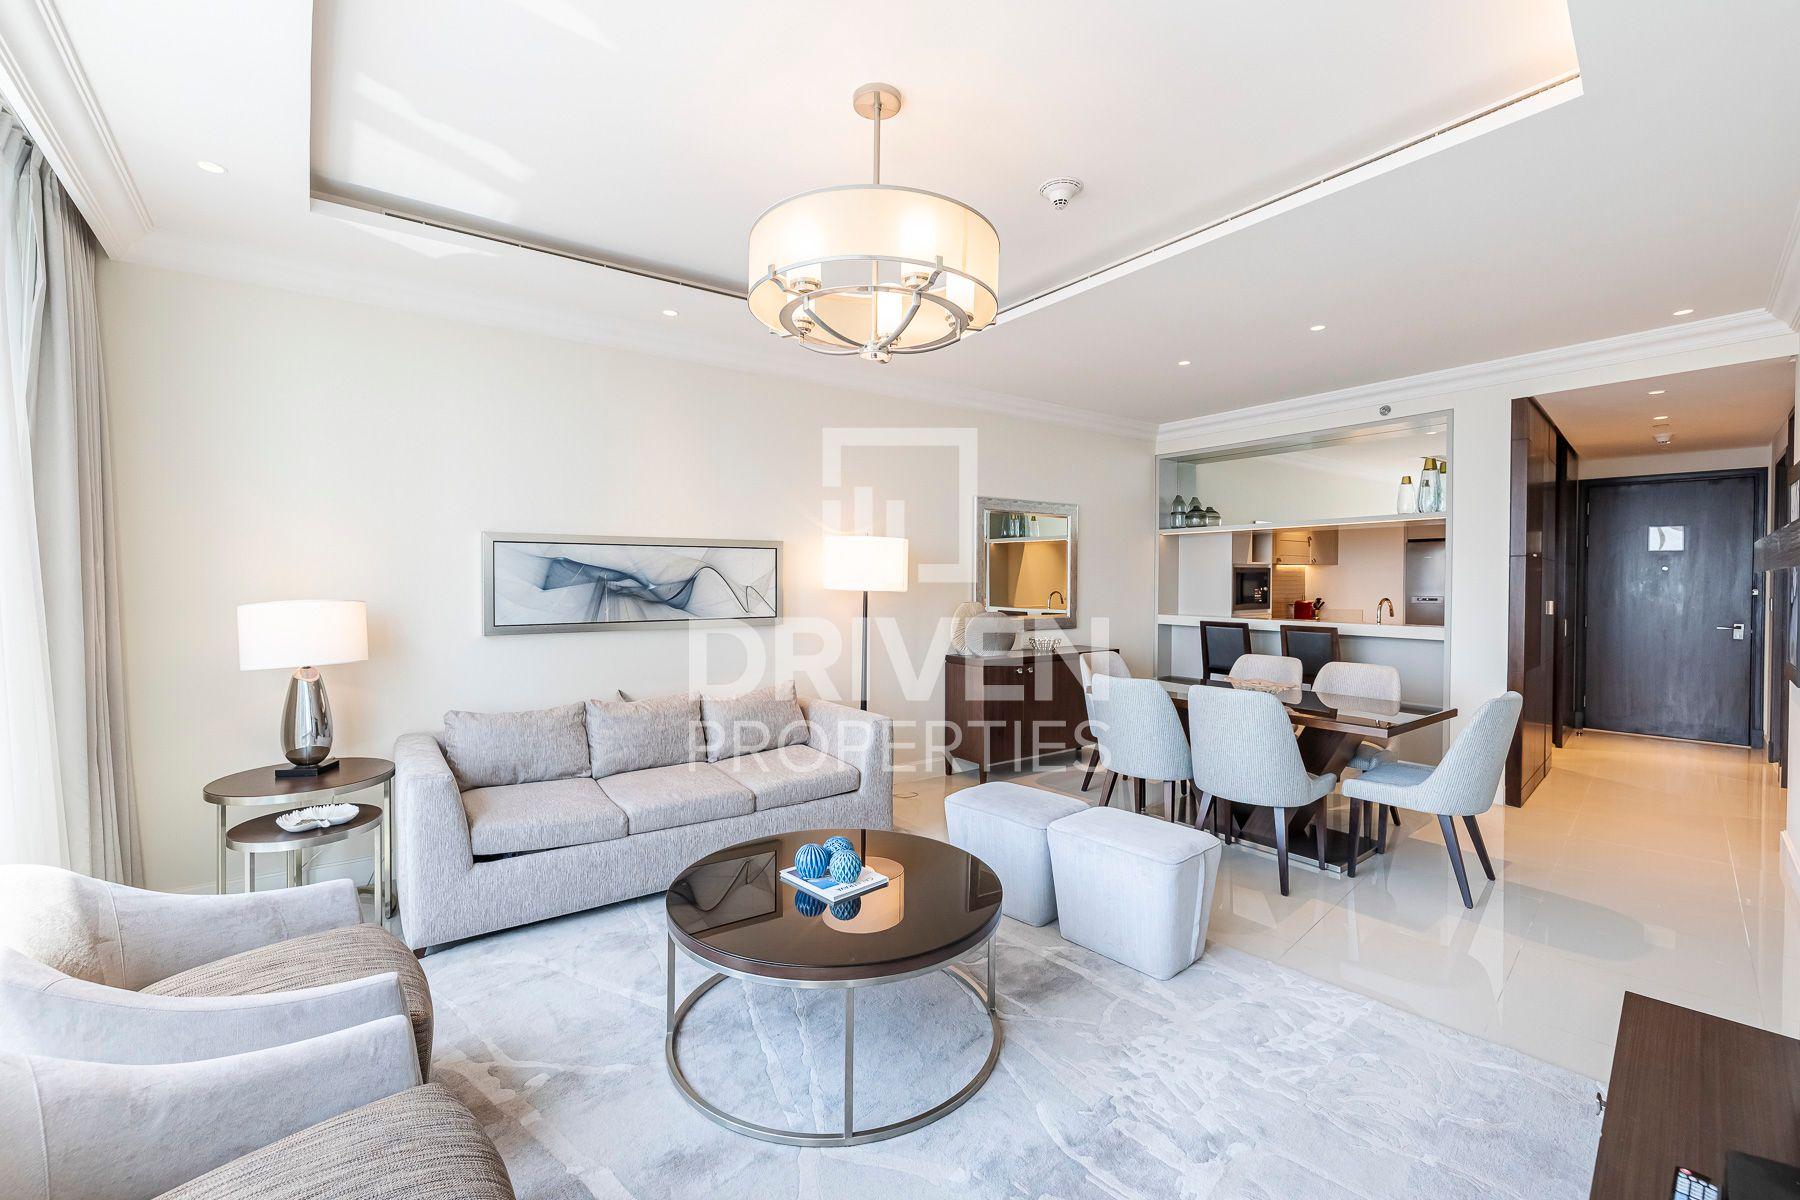 1,362 قدم مربع  شقة - للبيع - دبي وسط المدينة